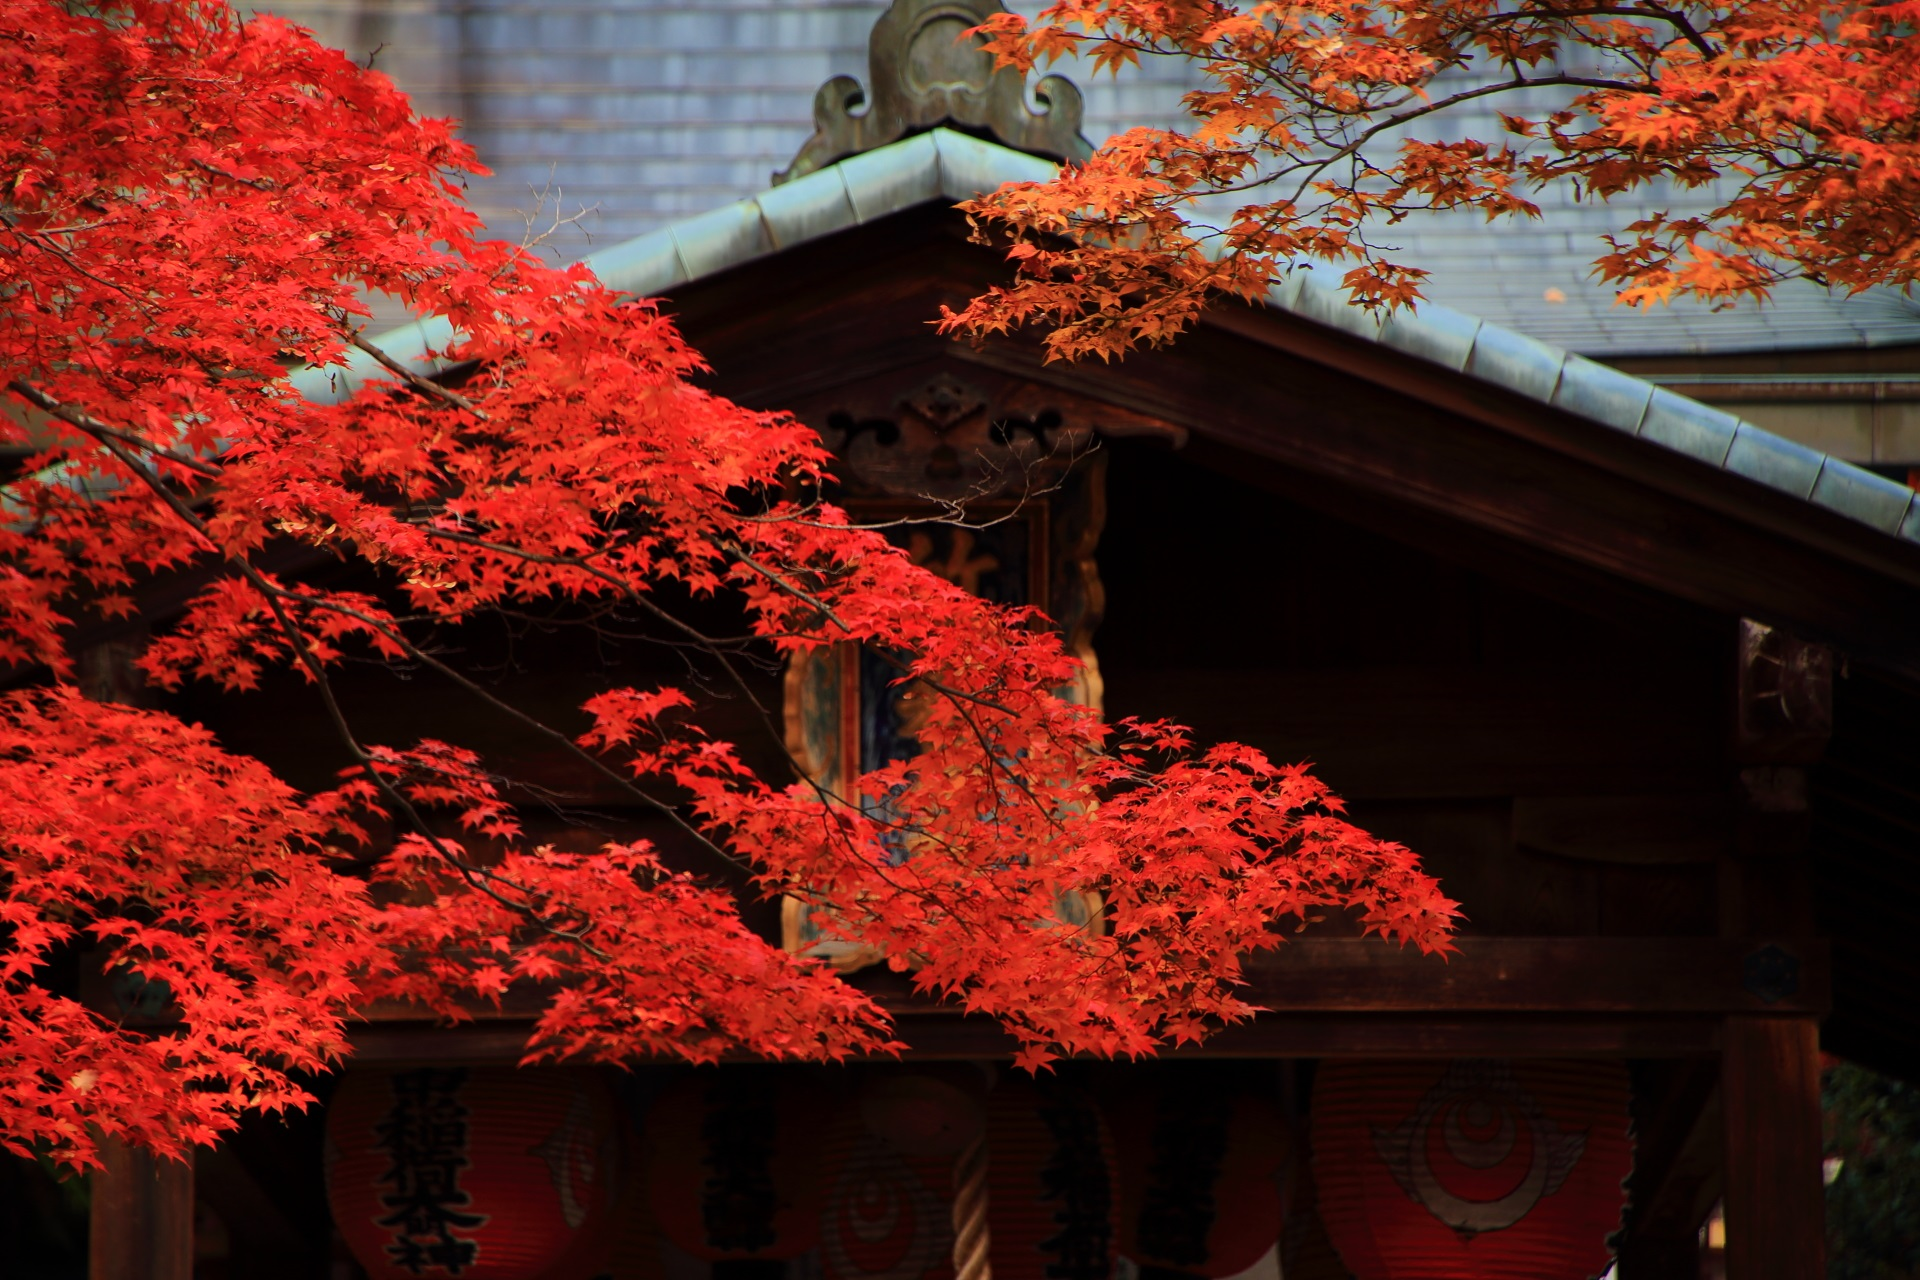 秋風に揺らぐ本殿を染める艶やかな紅葉